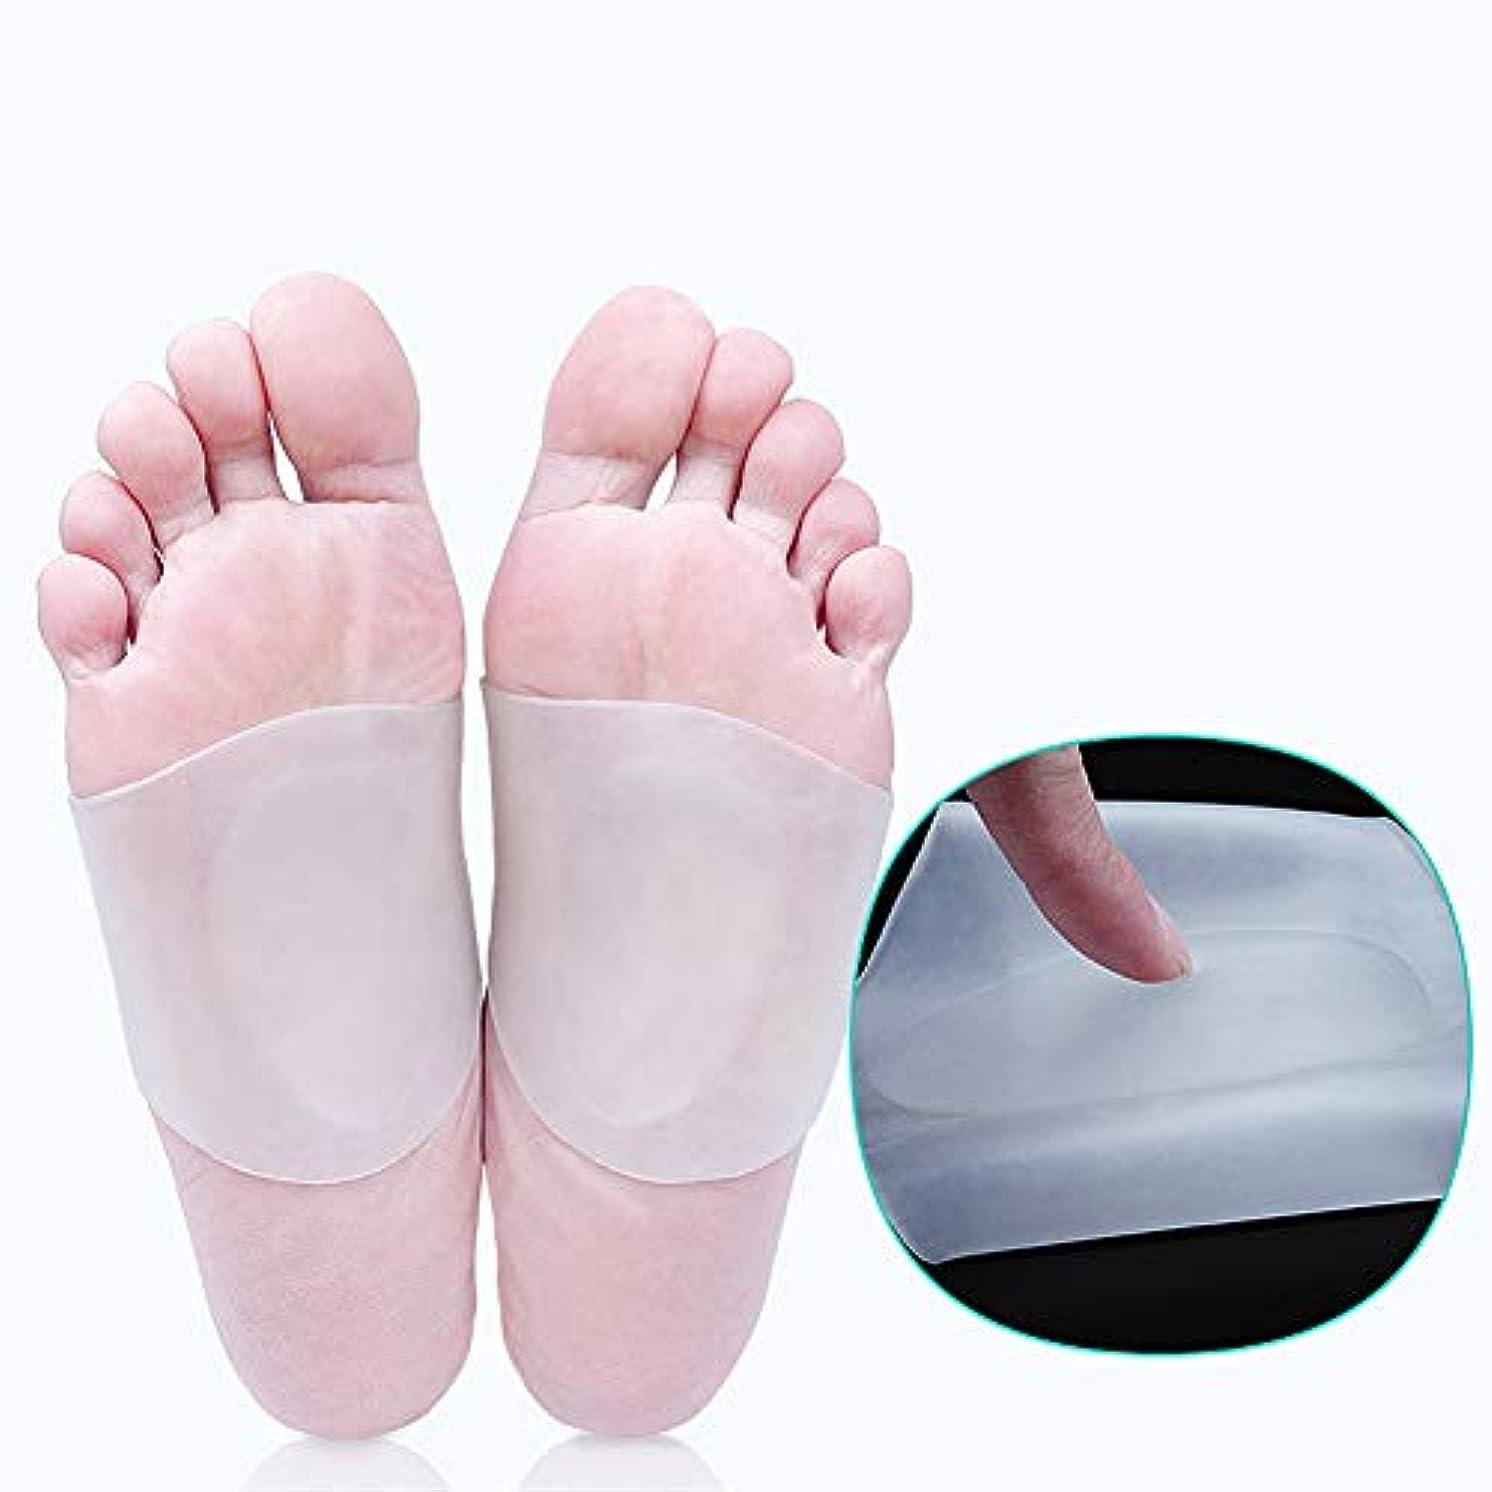 大きいラビリンス彼らのアーチ型サポートシューインサートフットパッド、足底筋膜炎インサートフラットフットパッド、ハイまたはローアーチジェルパッドインソール、フットアーチとかかとの痛みを緩和 (S)